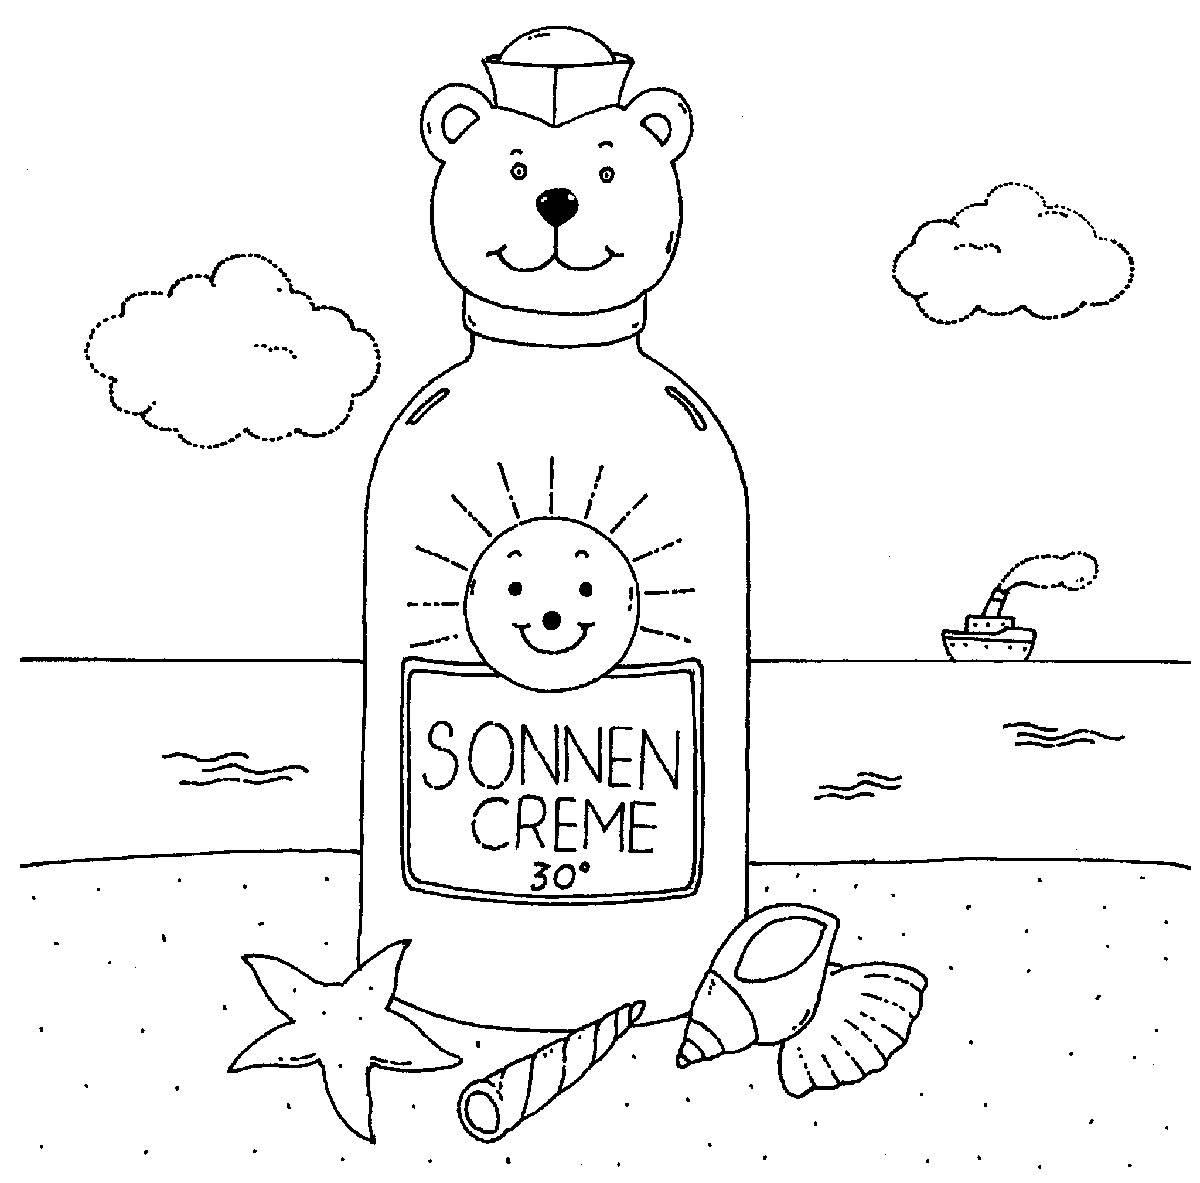 Tolle Frei Druckbare Strand Malvorlagen Bilder - Malvorlagen Von ...